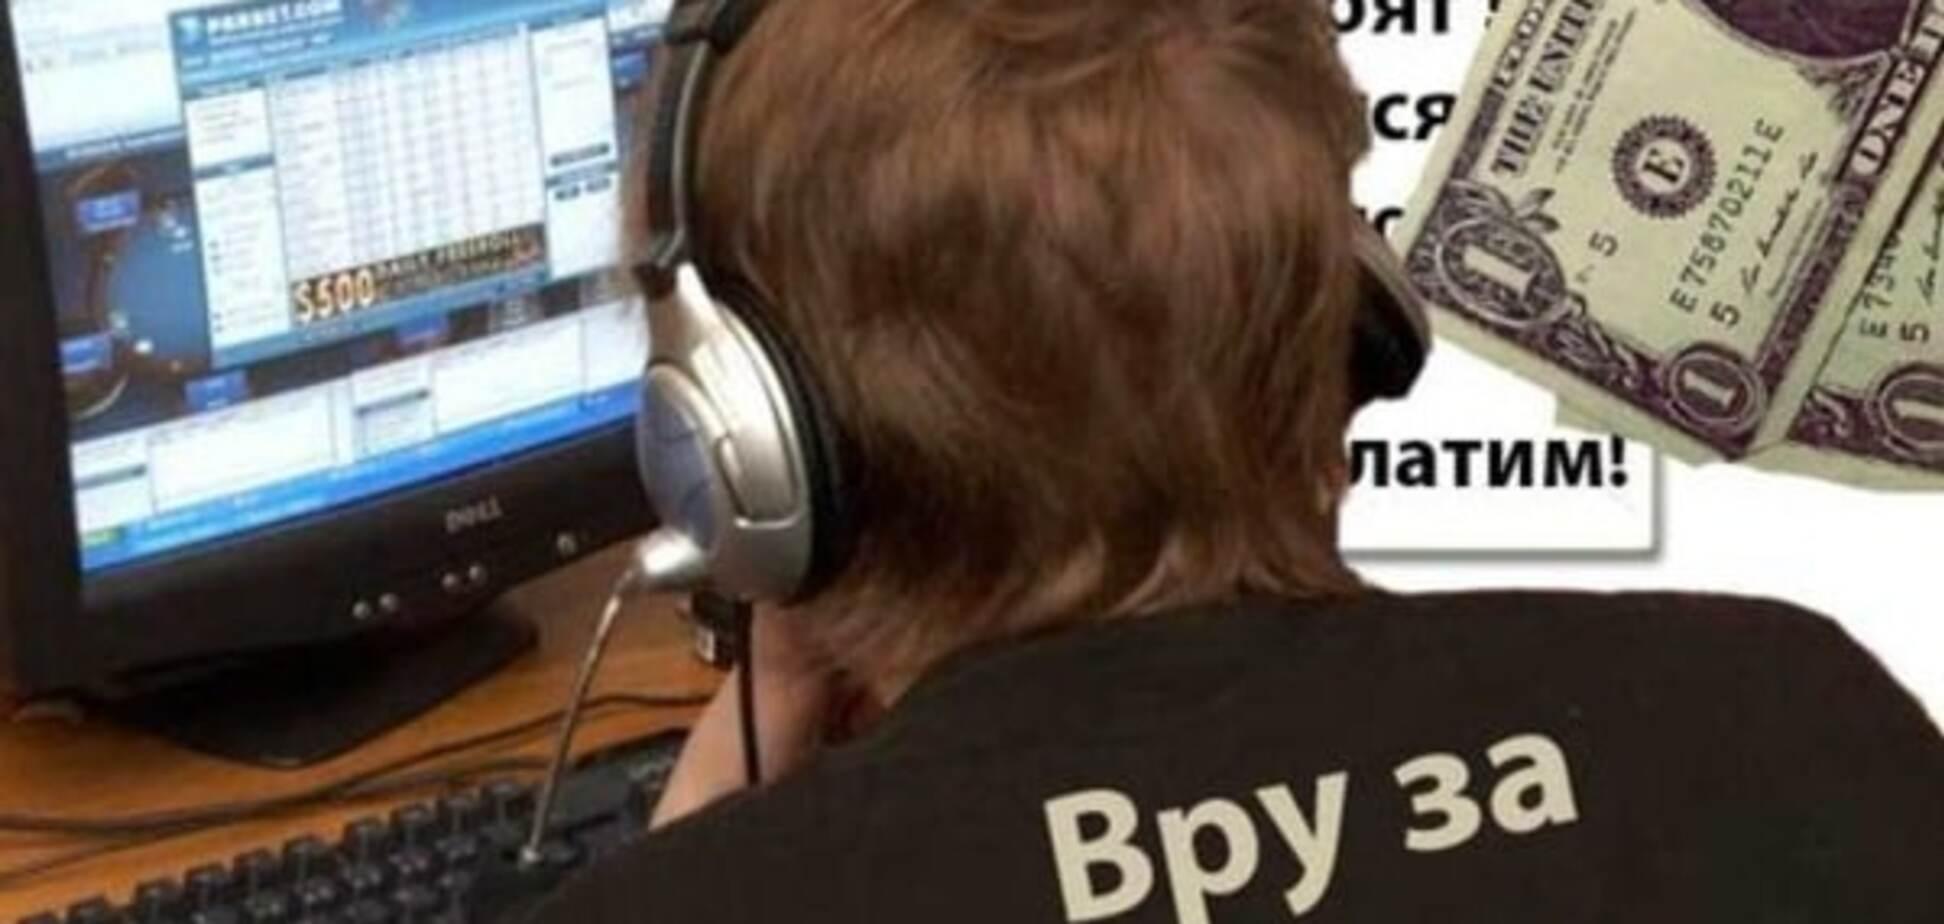 Я Сева, дочка офіцера: в мережі показали провал кремлебота 'Кримнаша'. Фотофакт